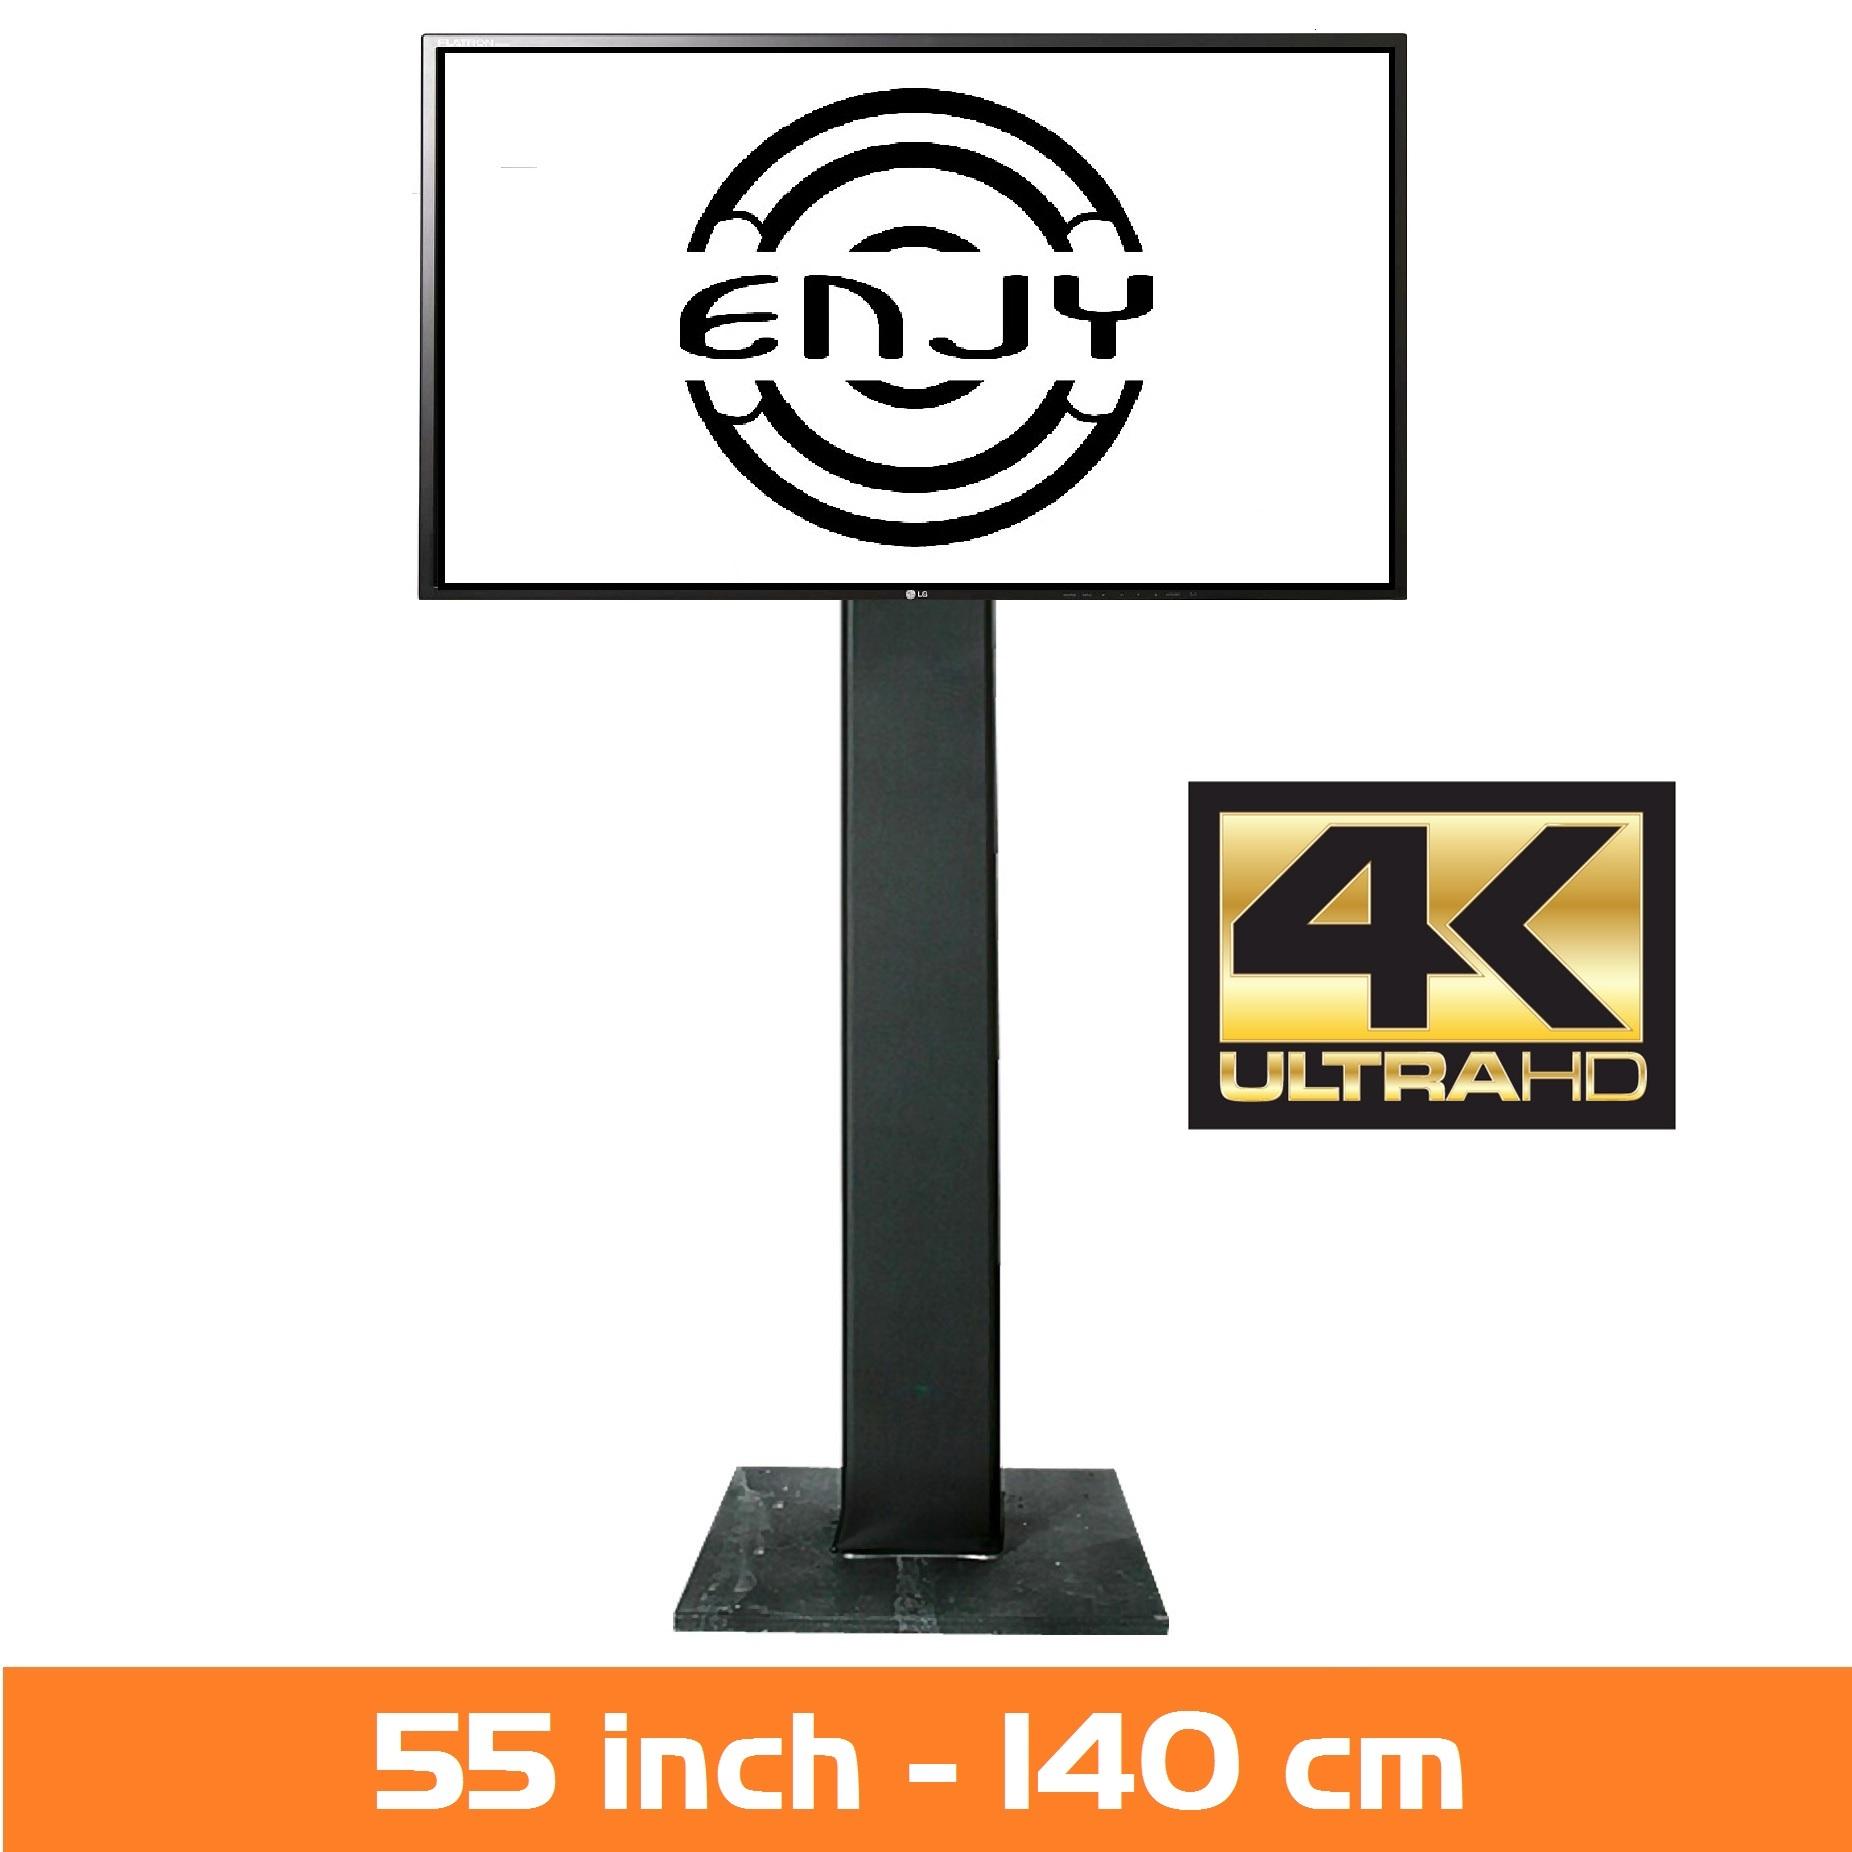 LCD Scherm huren - Verhuur van LED scherm 55 inch - 4K